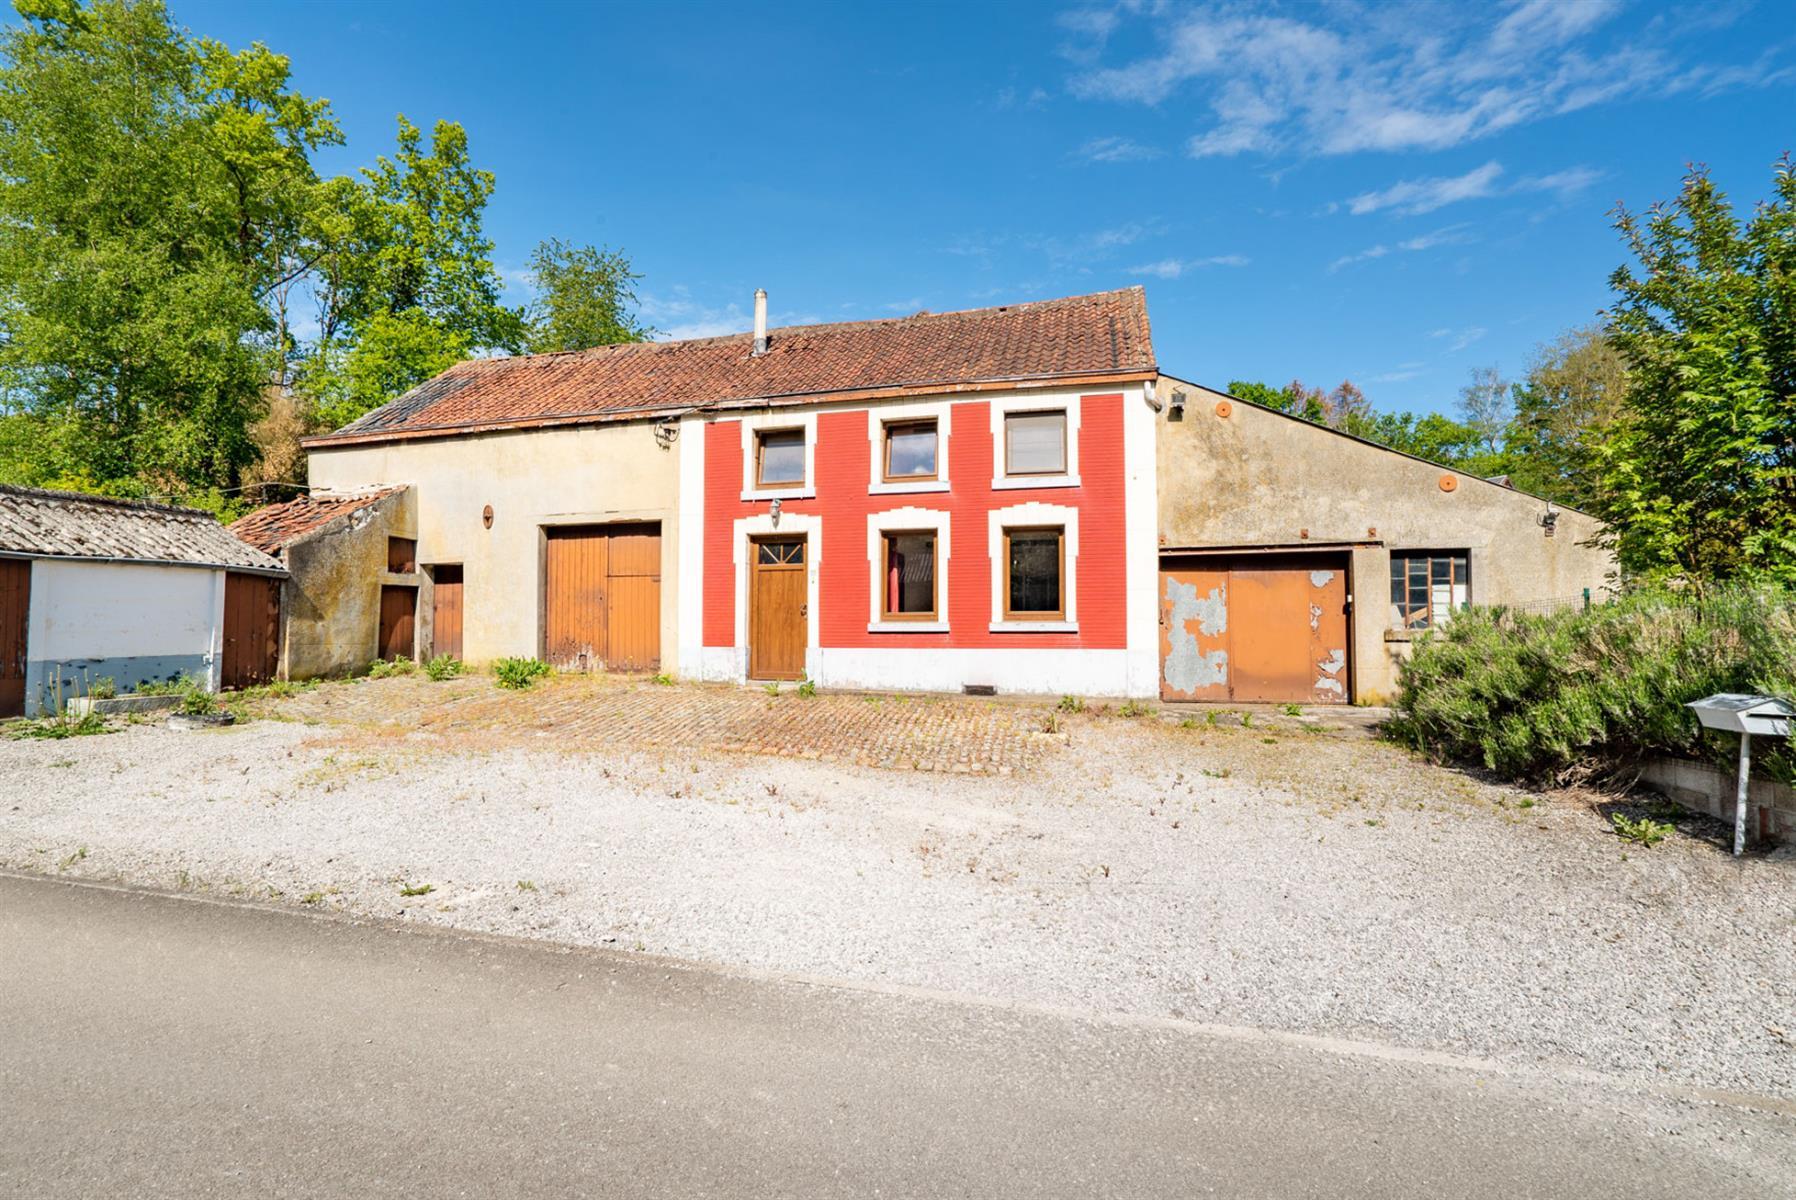 Maison - Chaumont-Gistoux - #3849419-1